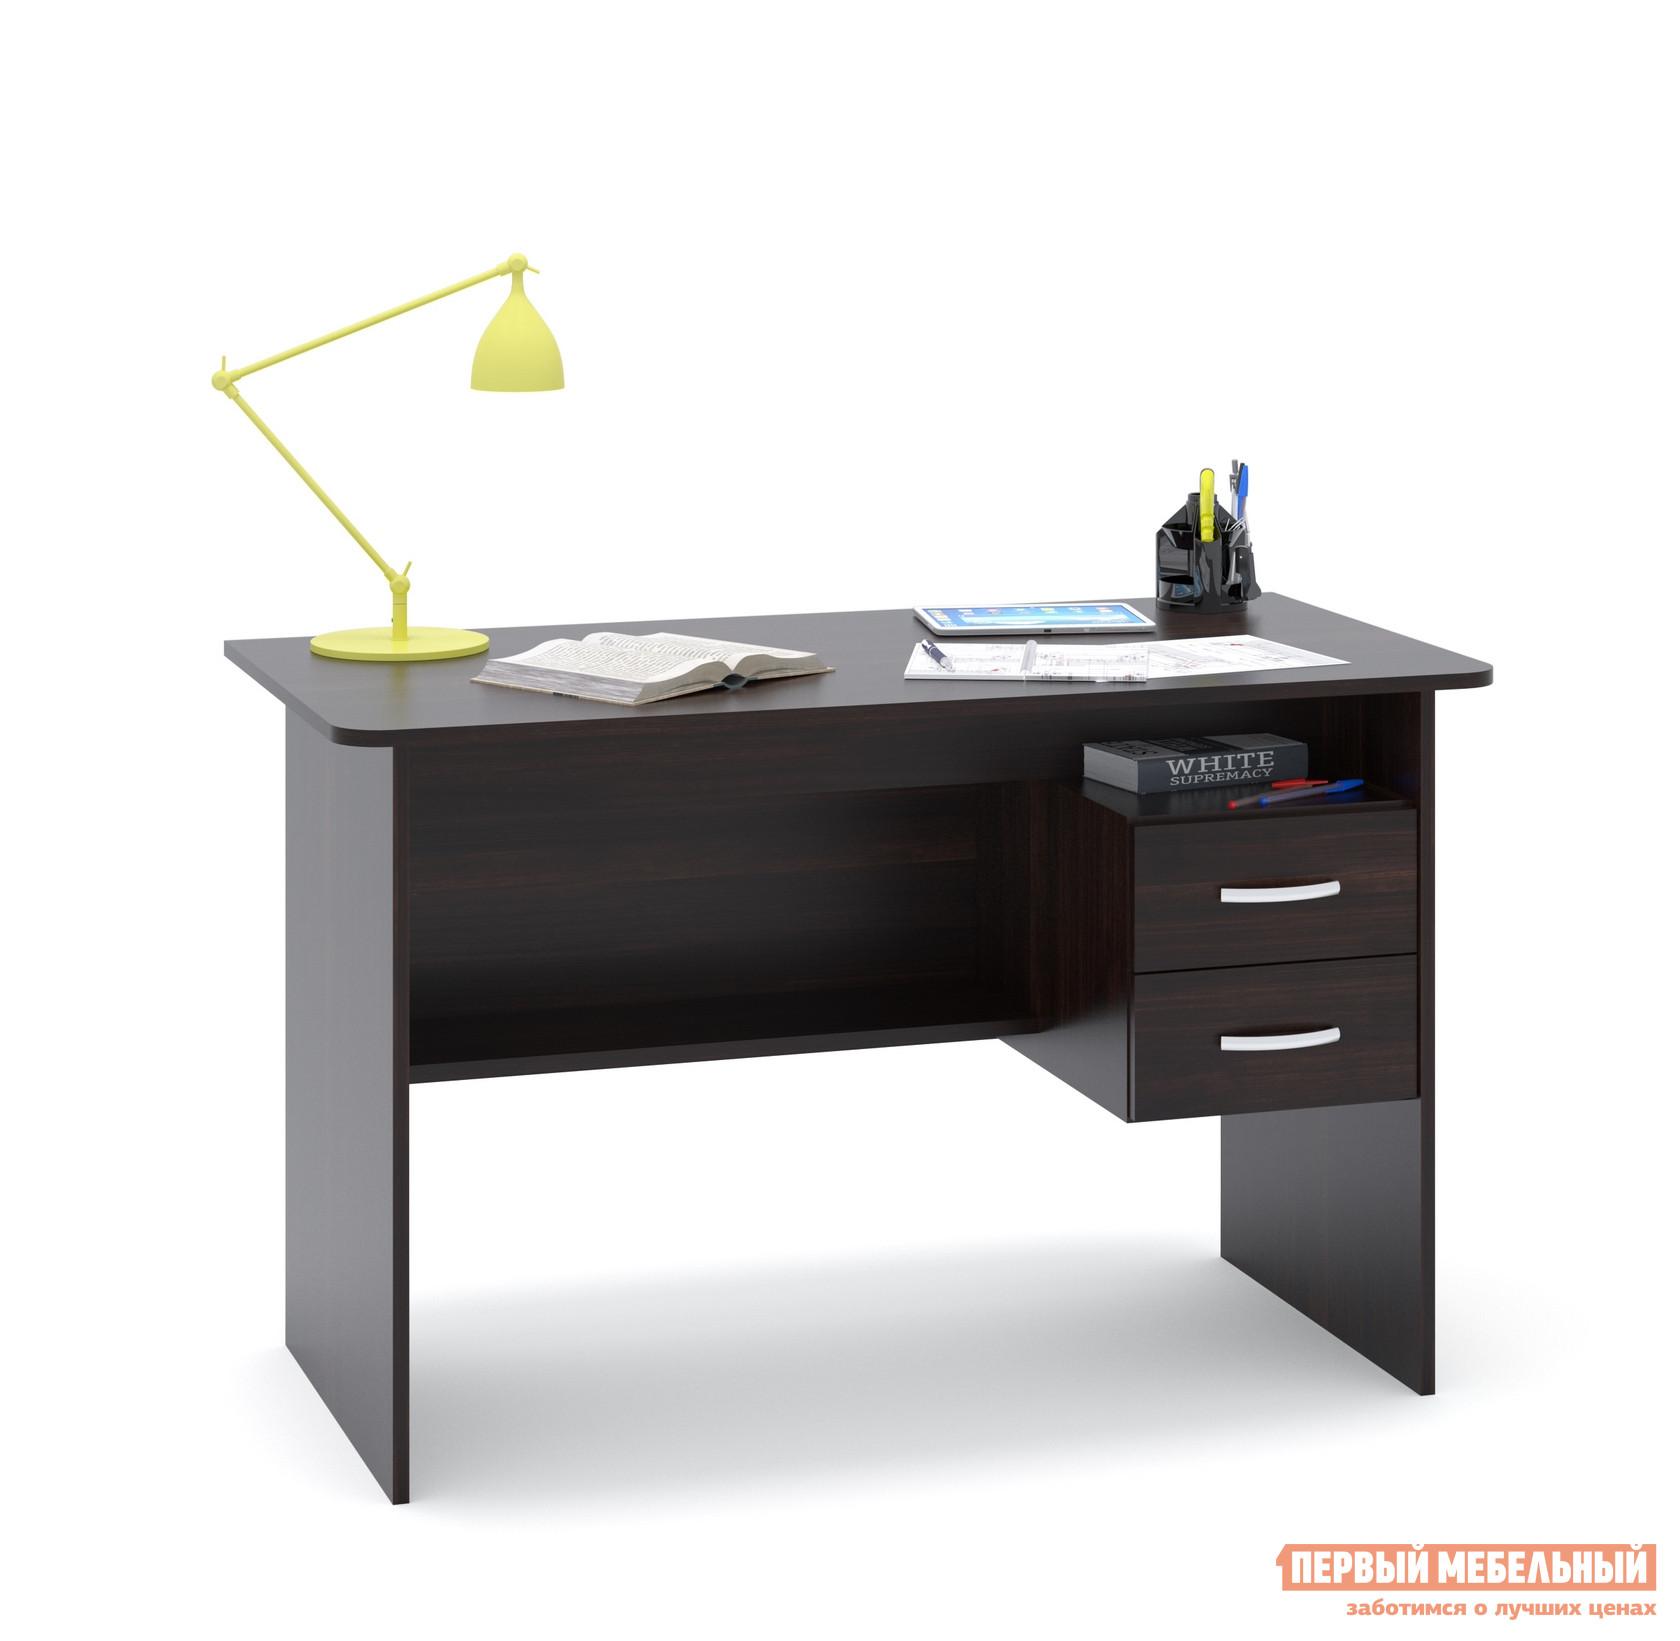 Письменный стол Сокол СПМ-07.1 ВенгеПисьменные столы<br>Габаритные размеры ВхШхГ 740x1200x600 мм. Большой письменный стол со встроенной тумбой.  Внизу задней стенки также находится небольшая полочка.  Встроенная тумбы состоит из двух ящиков с открытой нишей сверху.  За таким столом удобно будет себя чувствовать и школьник и студент.  Стол также можно использовать как компьютерный. Внутренний размер ящиков — 211 х 354 мм. Высота от пола до ящиков составляет 290 мм, высота от пола до полки под столом — 310 мм. Высота полочки над ящиками — 124 мм. Стол универсален при сборке, тумбу можно расположить с любой стороны. Стол изготовлен из ЛДСП отечественного производства толщиной 16 мм.  Края столешницы отделаны кромкой ПВХ 2 мм.  Для обработки торцов у остальных деталей используется кромка ПВХ 0,4 мм.  Рекомендуем сохранить инструкцию по сборке (паспорт изделия) до истечения гарантийного срока.<br><br>Цвет: Венге<br>Высота мм: 740<br>Ширина мм: 1200<br>Глубина мм: 600<br>Кол-во упаковок: 1<br>Форма поставки: В разобранном виде<br>Срок гарантии: 2 года<br>Тип: Прямые<br>Материал: Дерево<br>Материал: ЛДСП<br>Размер: Большие<br>Размер: Ширина 120 см<br>С ящиками: Да<br>Без надстройки: Да<br>С тумбой: Да<br>Стиль: Современный<br>Стиль: Модерн